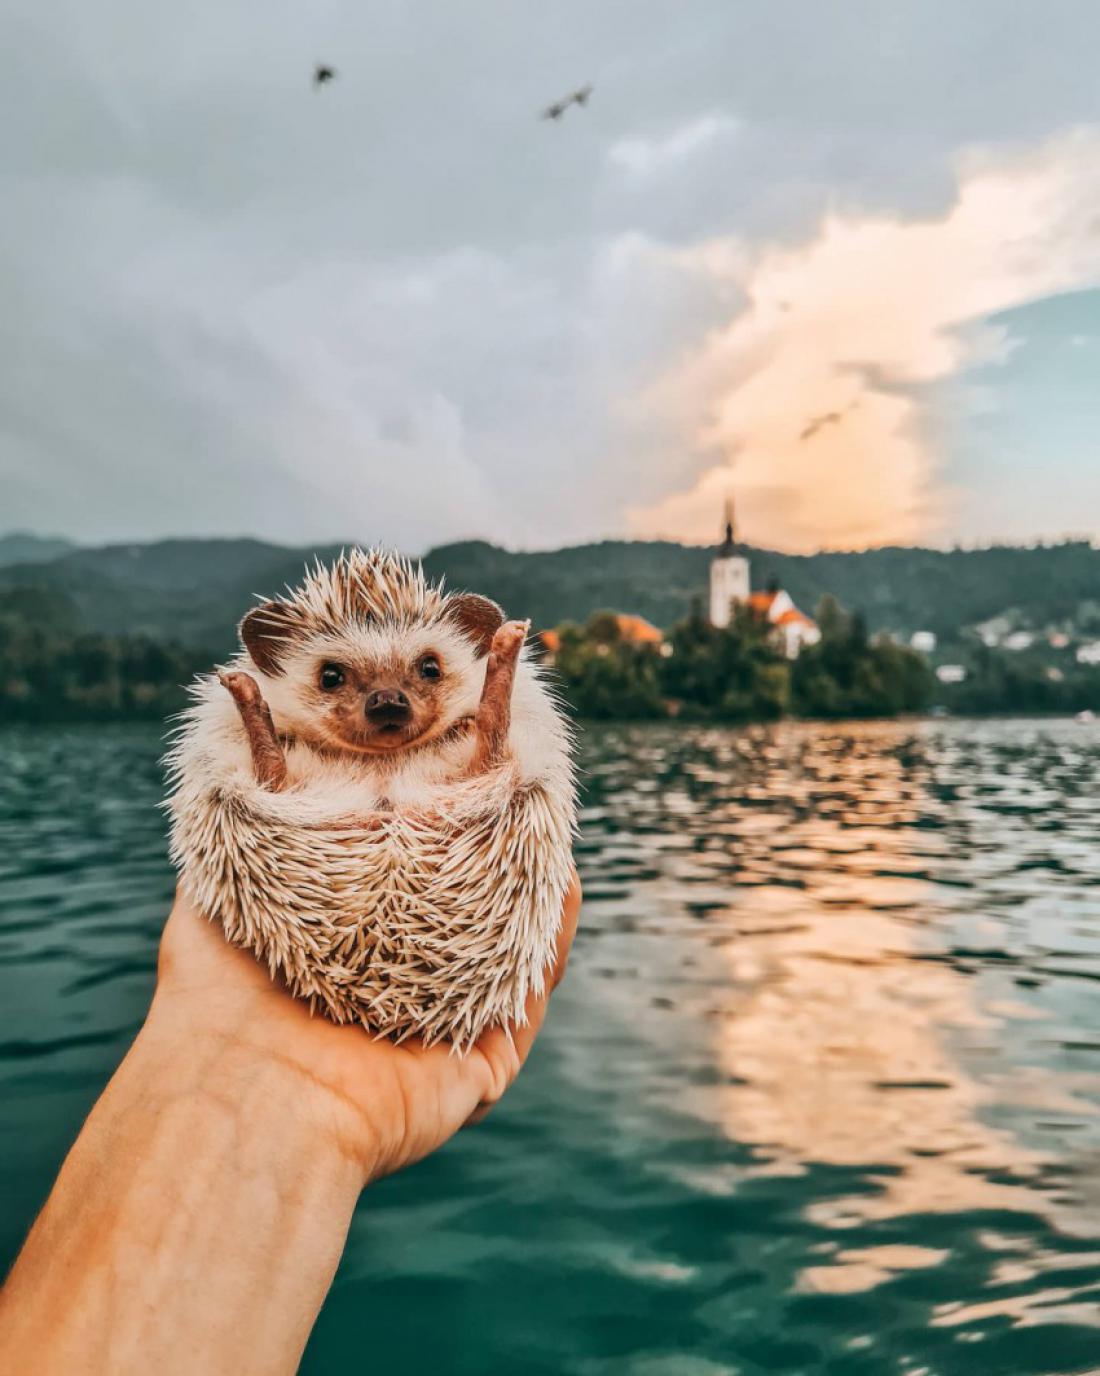 Najprisrčnejši ljubljenčki leta 2020 so tako postali ježek Heda ter psička Atash in Aruba. FOTO: Nuša Klinar